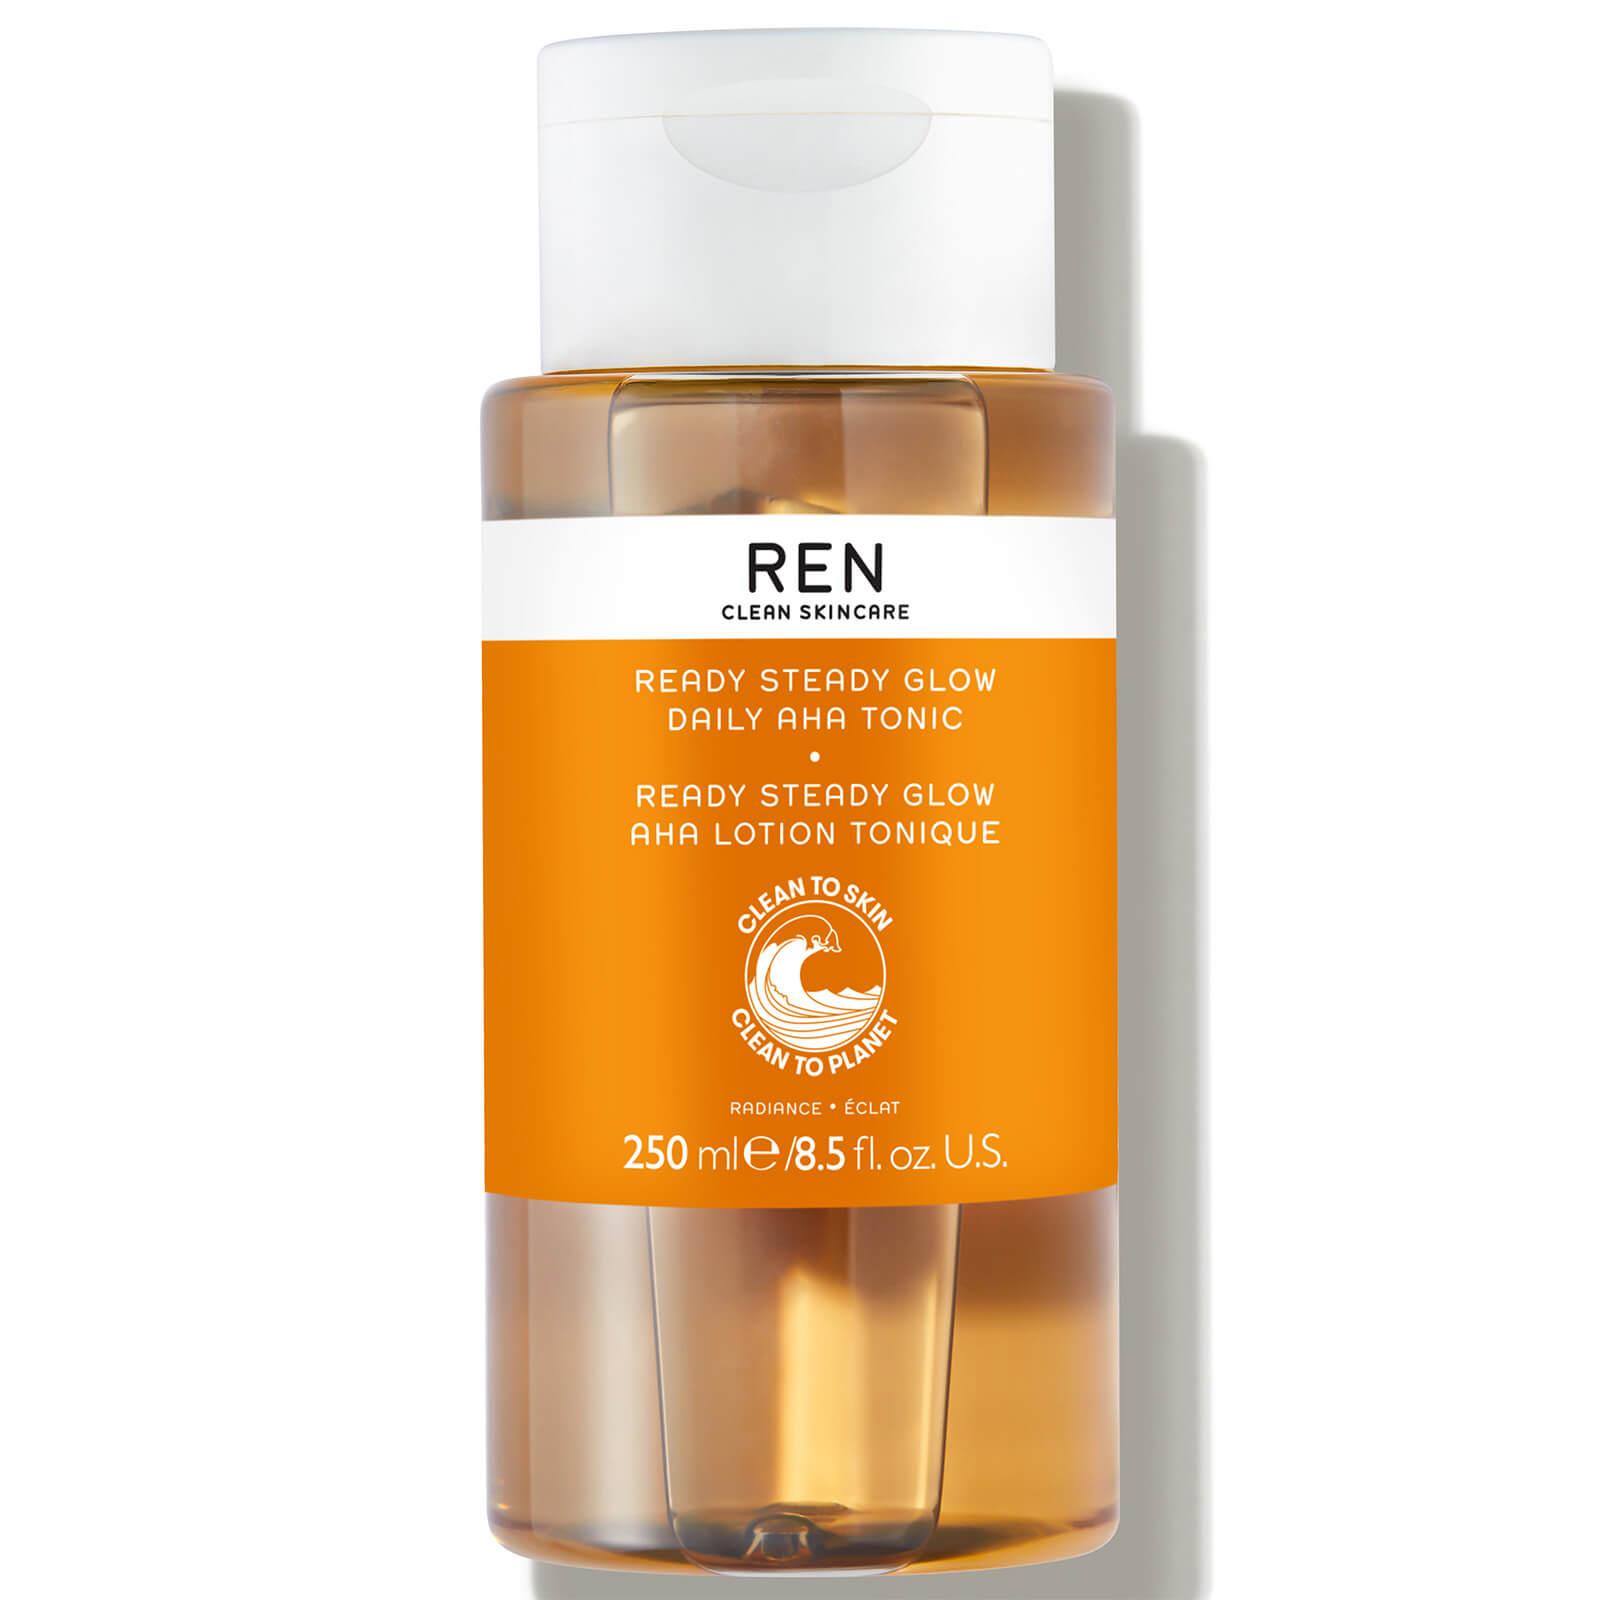 Купить Тоник для сияния кожи REN Ready Steady Glow Daily AHA Tonic